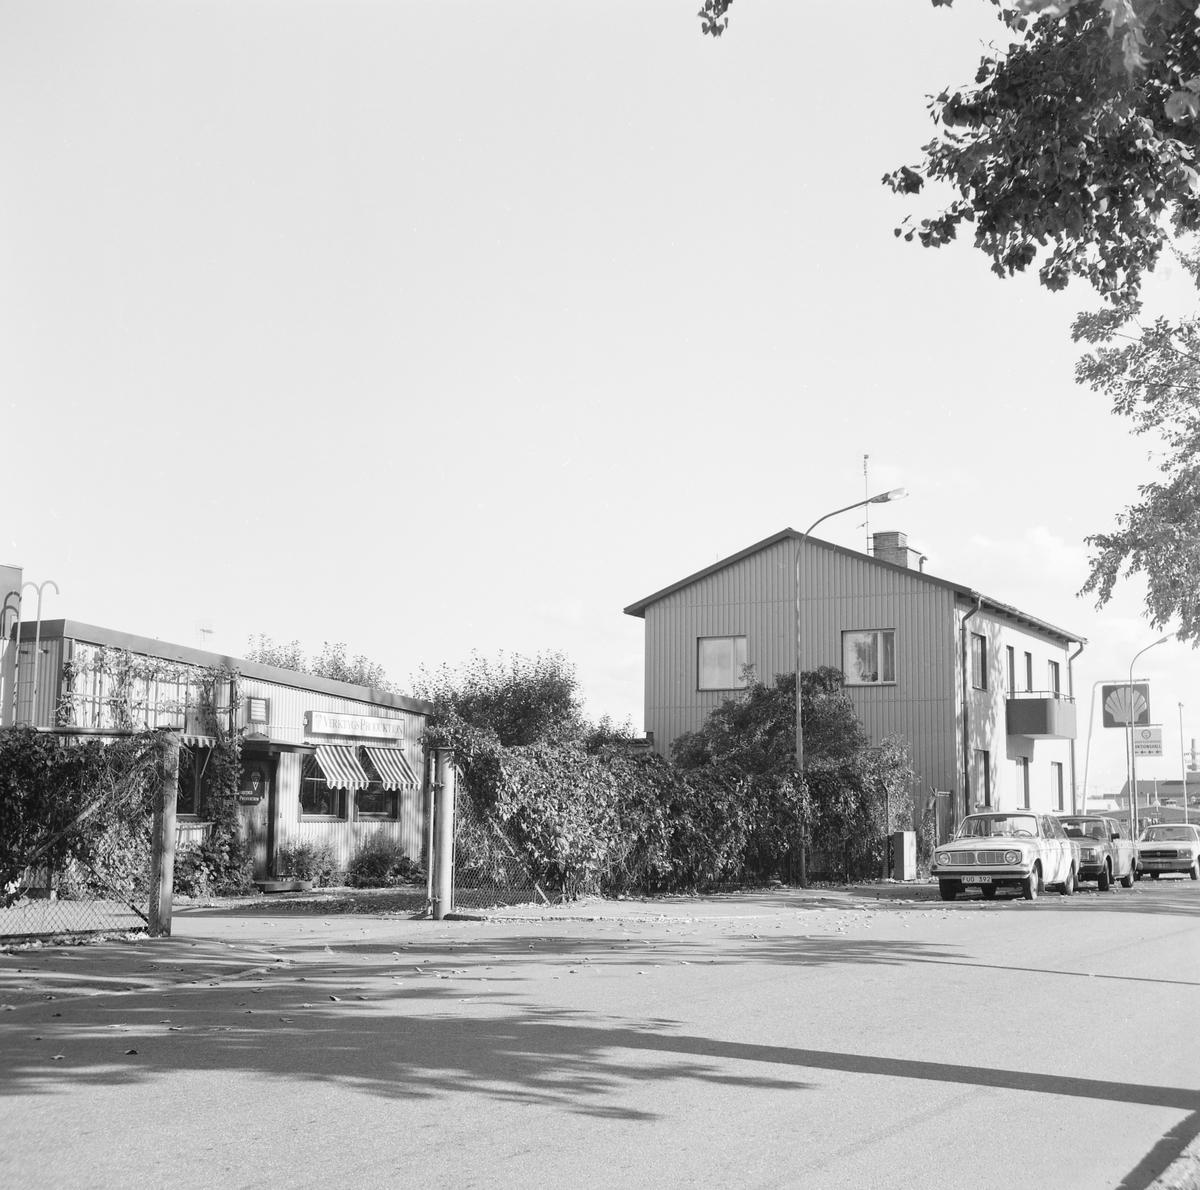 Norra området av stadsdelen Vasastaden i Linköping fick från 1900-talets mitt uteslutande bebyggelse av industriell eller affärsmässig prägel. Den hårt trafikerade Industrigatan gjorde bostadsbebyggelse mindre lämplig. Gatan tjänade därutom som del av Europaväg 4 från 1950-talets mitt till 1977. Bilden visar miljön vid den parallella Slöjdgatan.